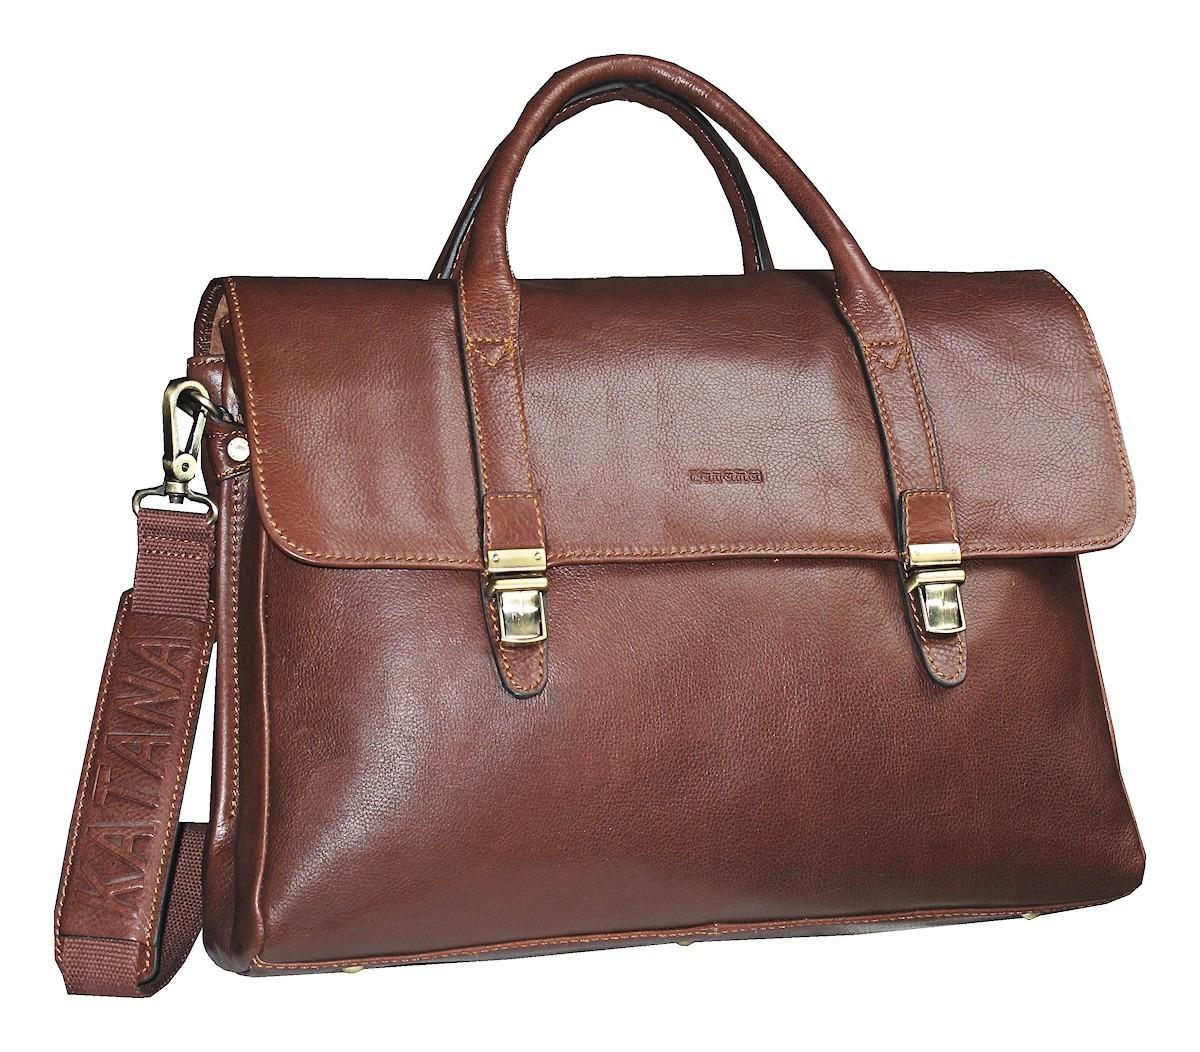 magasin en ligne f8b0f 23758 Cartable cuir pc pour femme katana